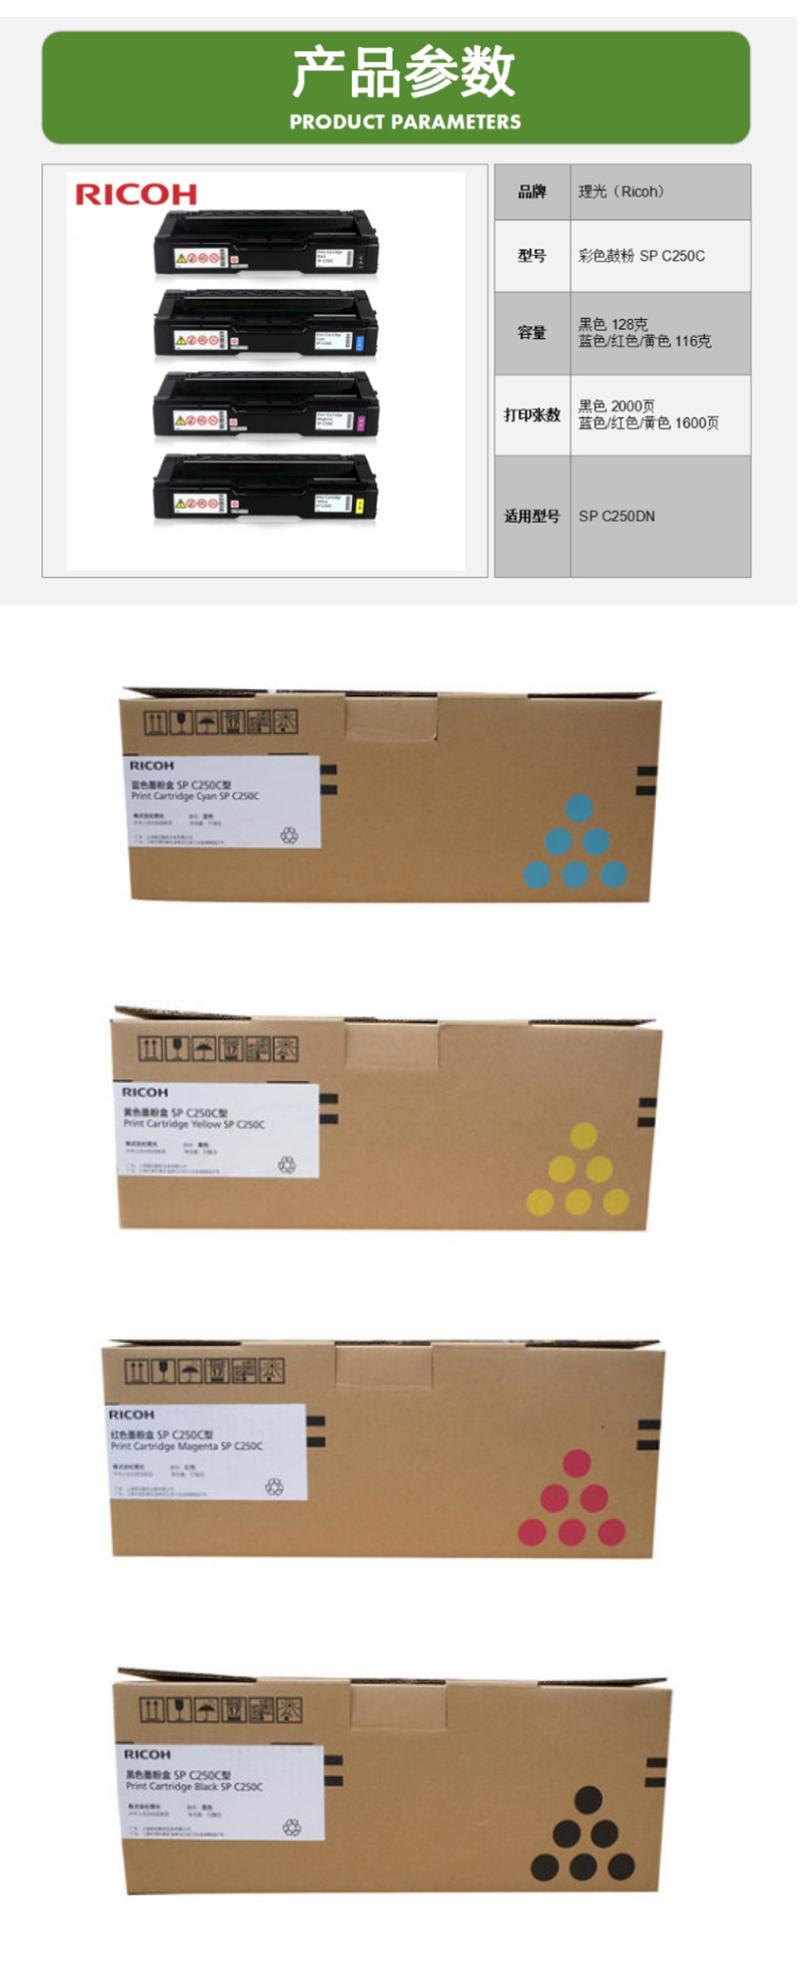 理光 SP C250C 黑色 硒鼓墨粉盒 (适用 SP C250DN)1